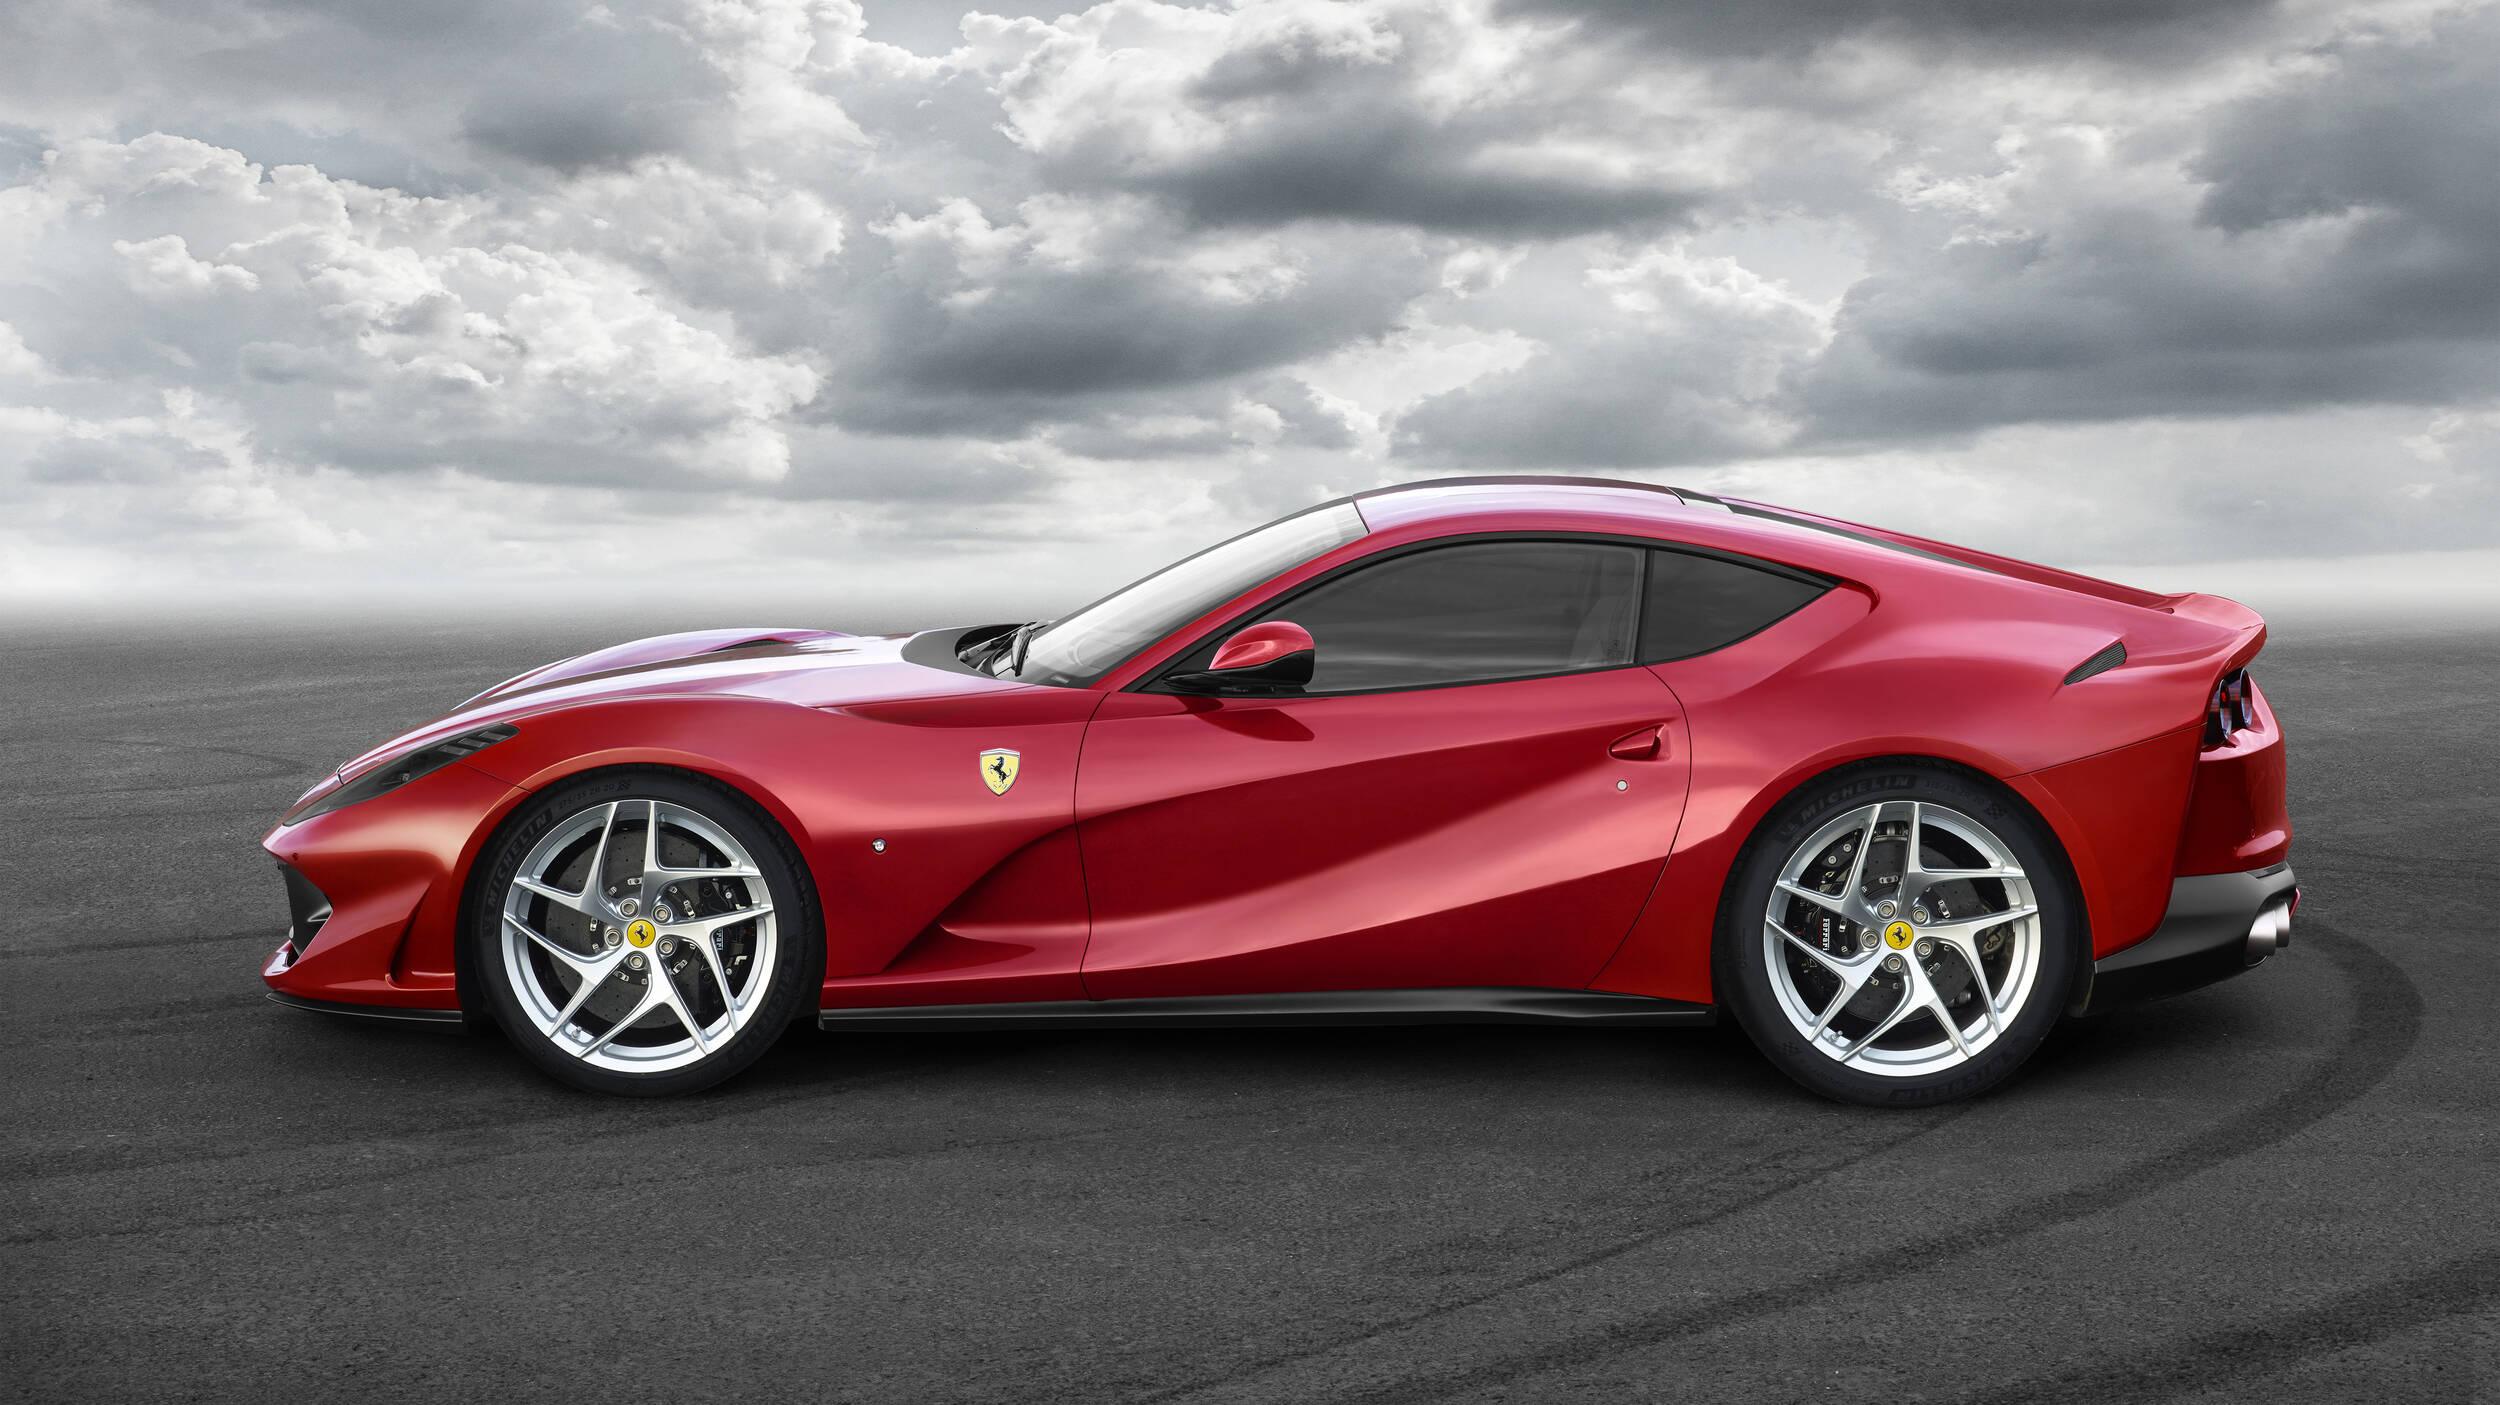 Ferrari 812 Superfast. Foto: Divulgação